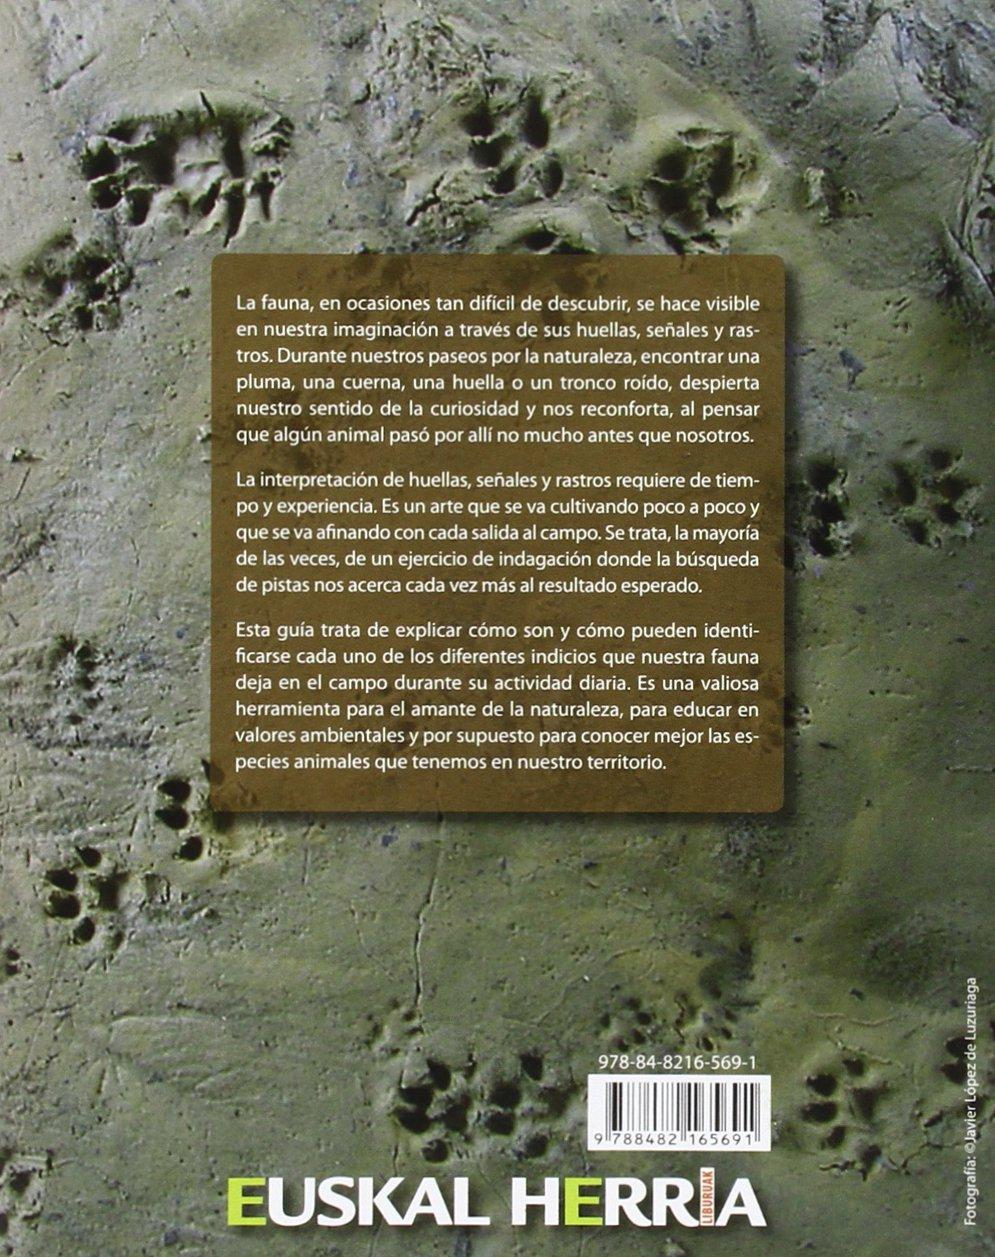 Guia de huellas, señales y rastros de animales: 12 Euskal Herria: Amazon.es: Rubines Garcia, Jonathan: Libros